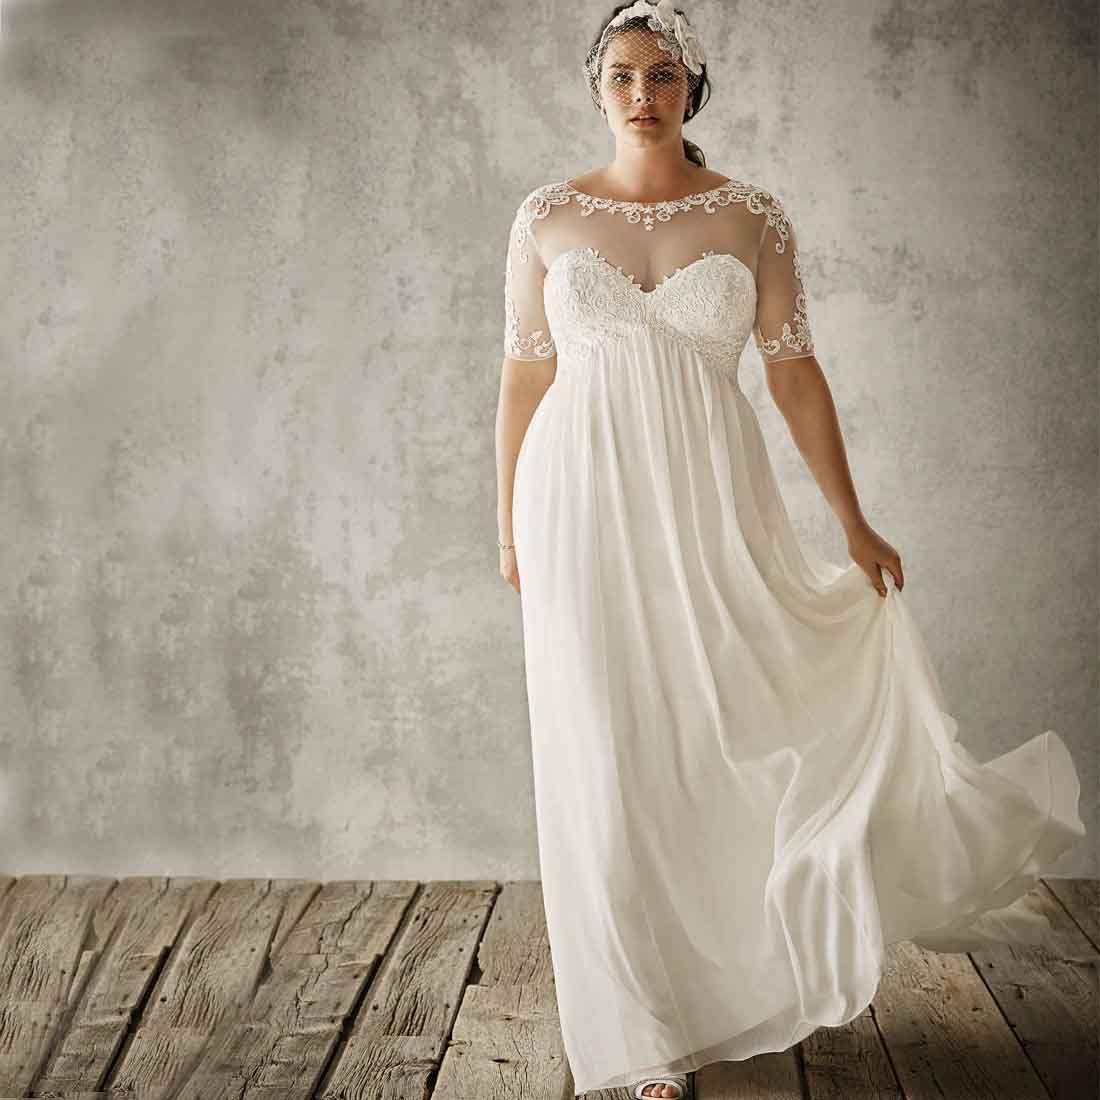 Großhandel Billig Plus Size Beach Brautkleider 2016 Sexy Sheer Lace ...